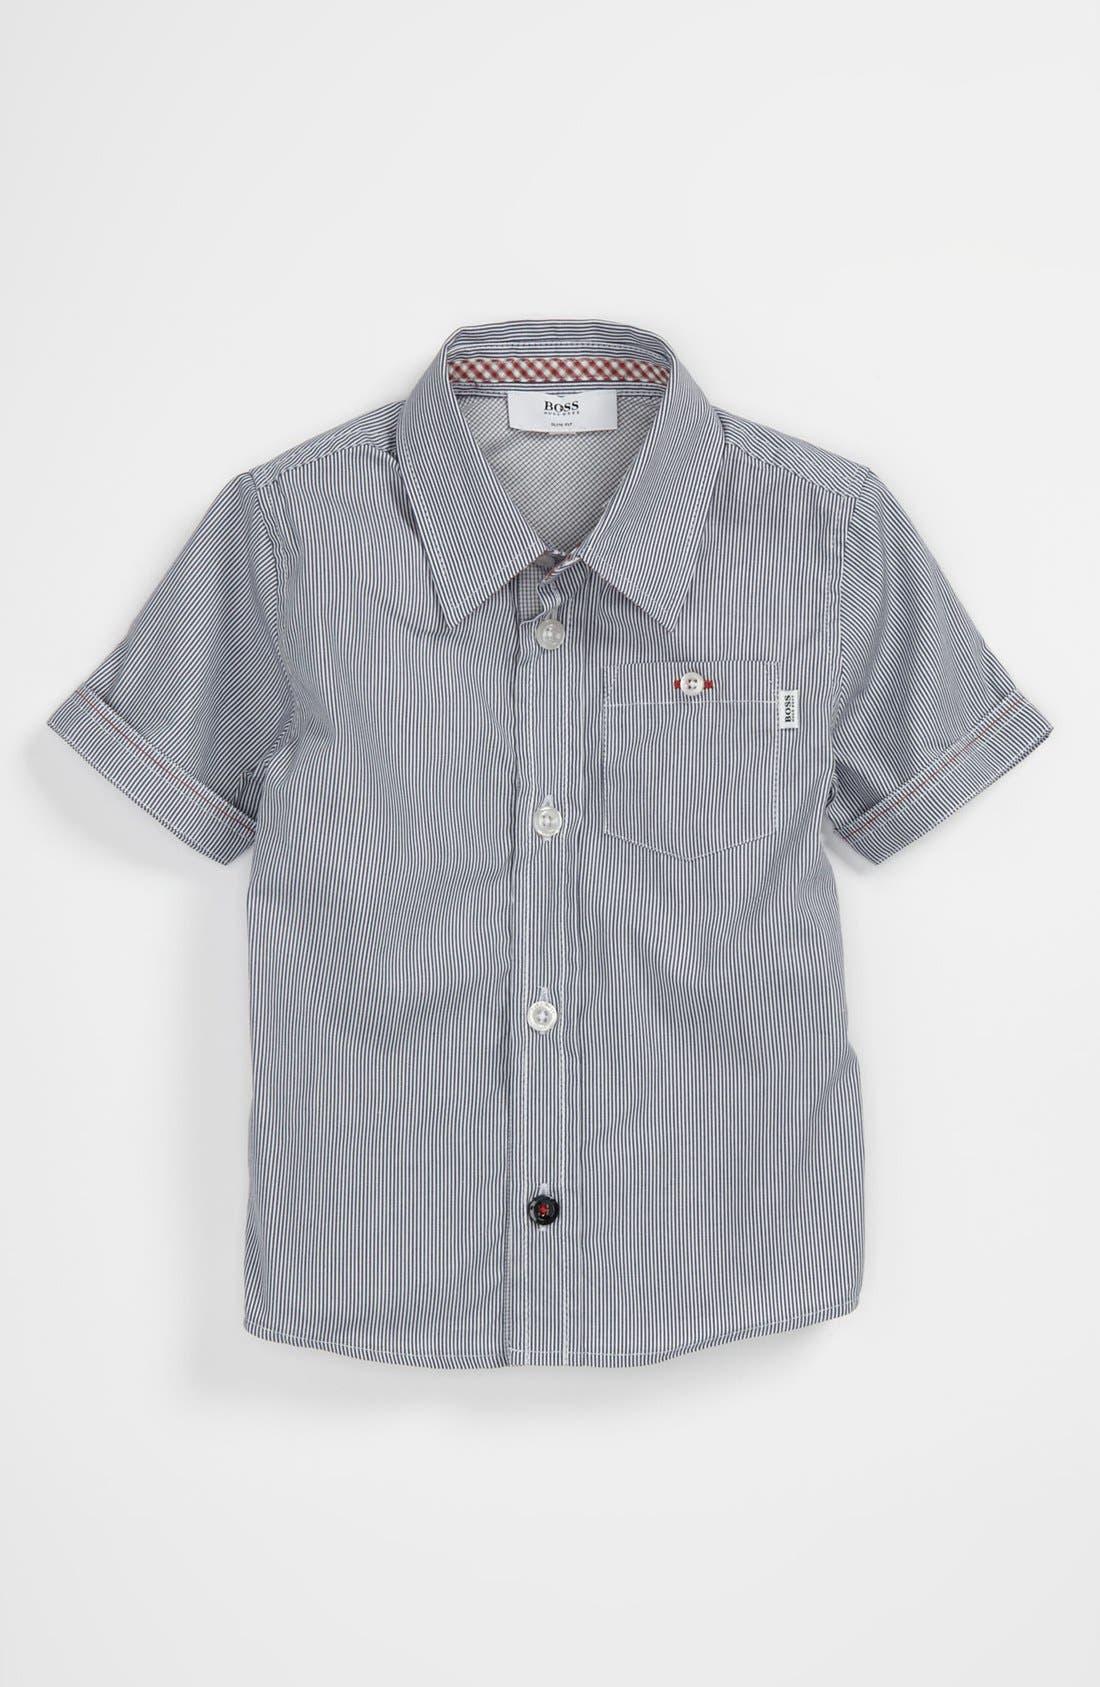 Main Image - BOSS Kidswear Pinstripe Shirt (Toddler)